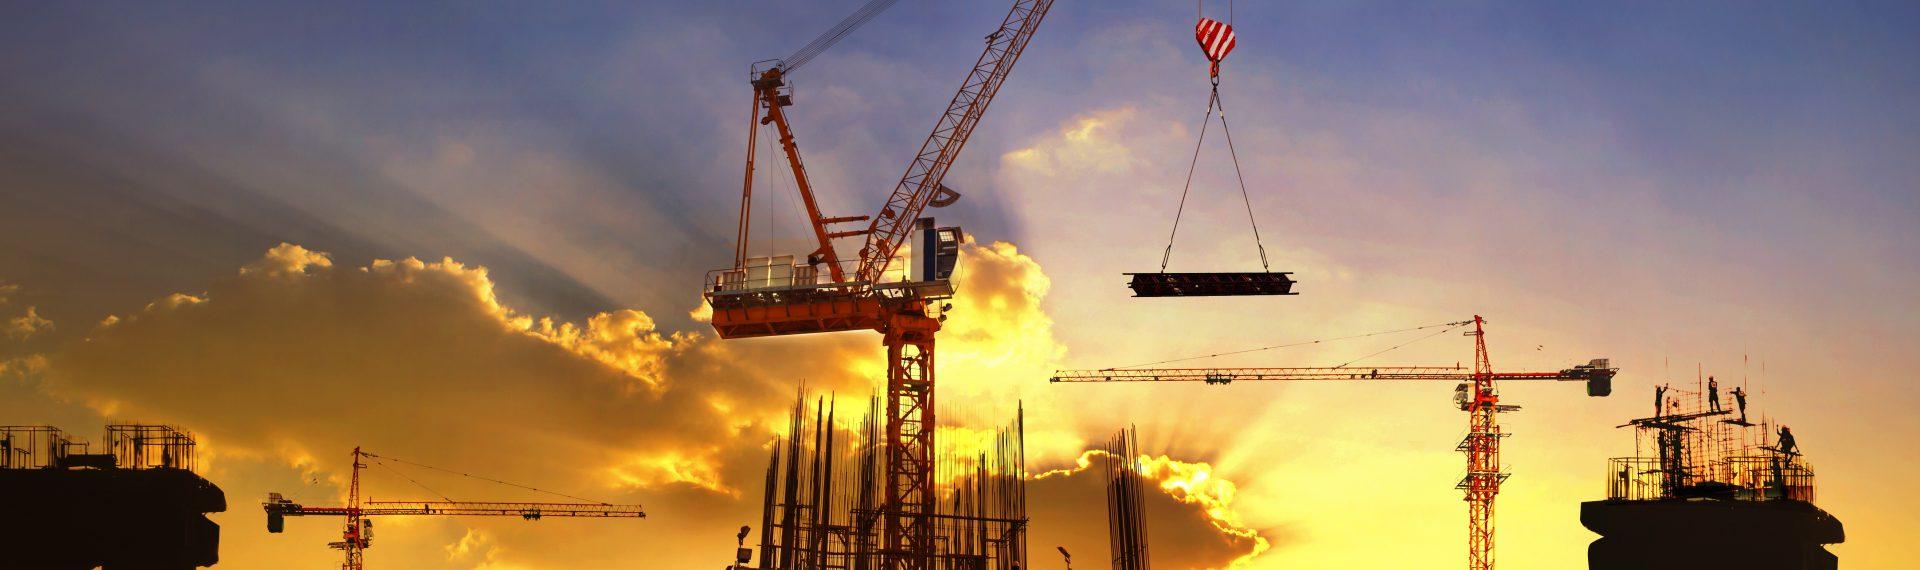 contractors public liability insurance building skyline